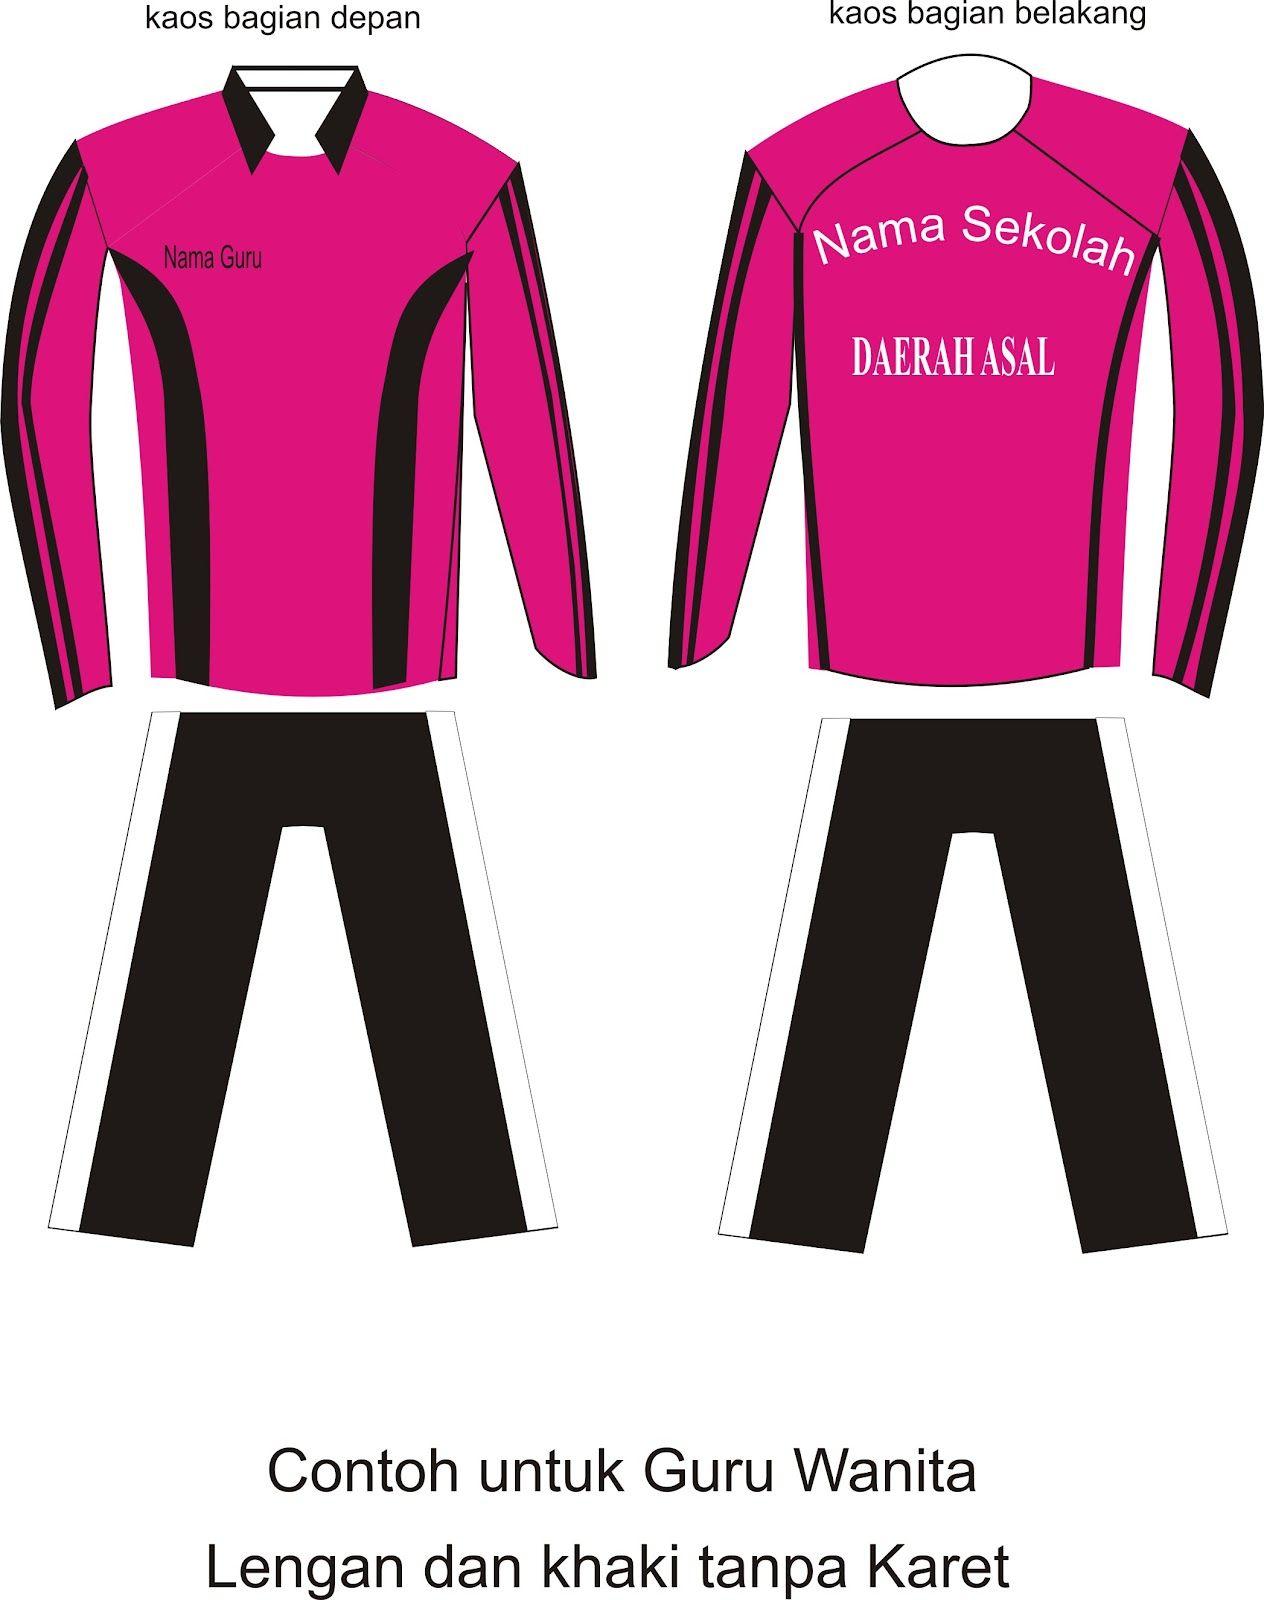 77 Desain Baju Kaos Olahraga Lengan Panjang Baju Olahraga Baju Kaos Kaos